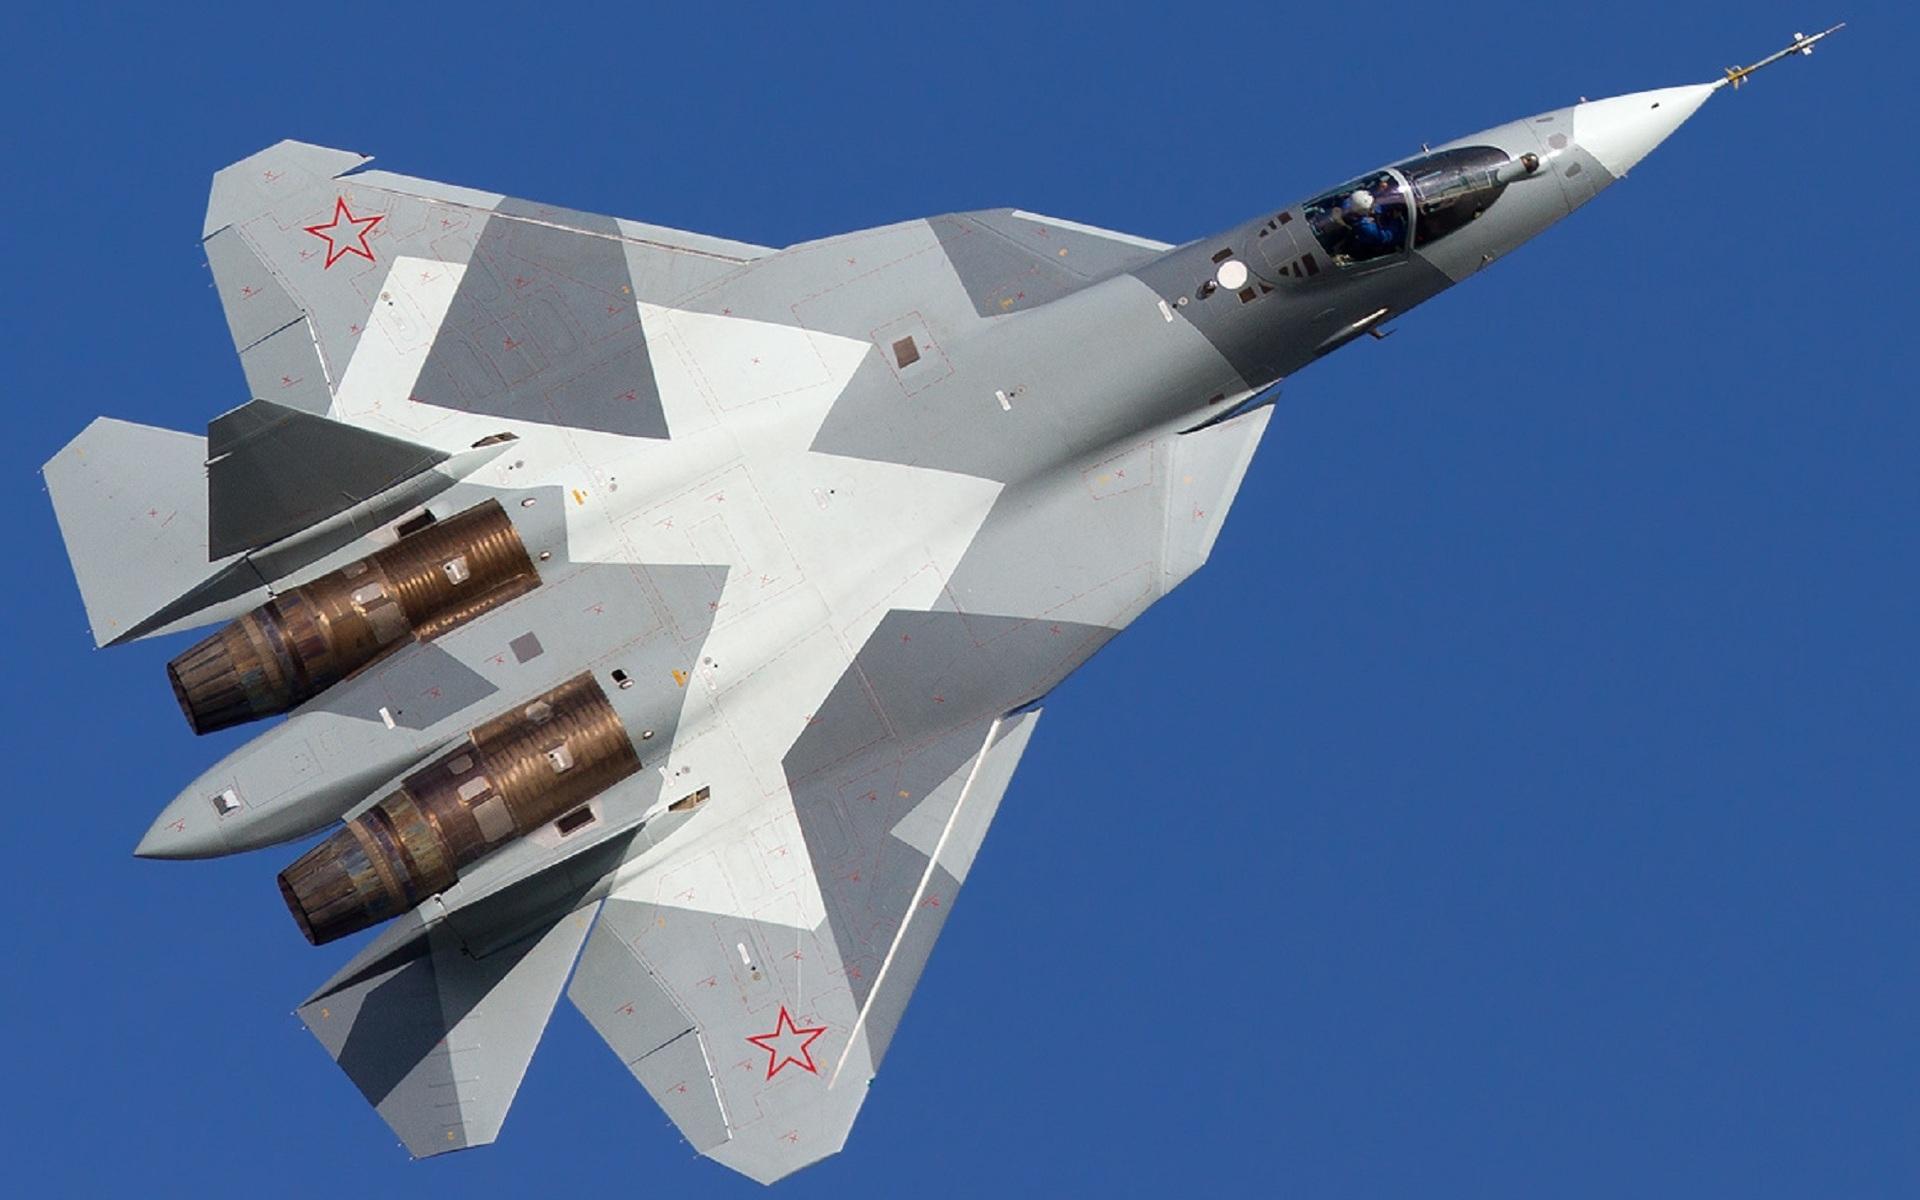 Дания: Руски военни самолети нарушиха въздушното ни пространство